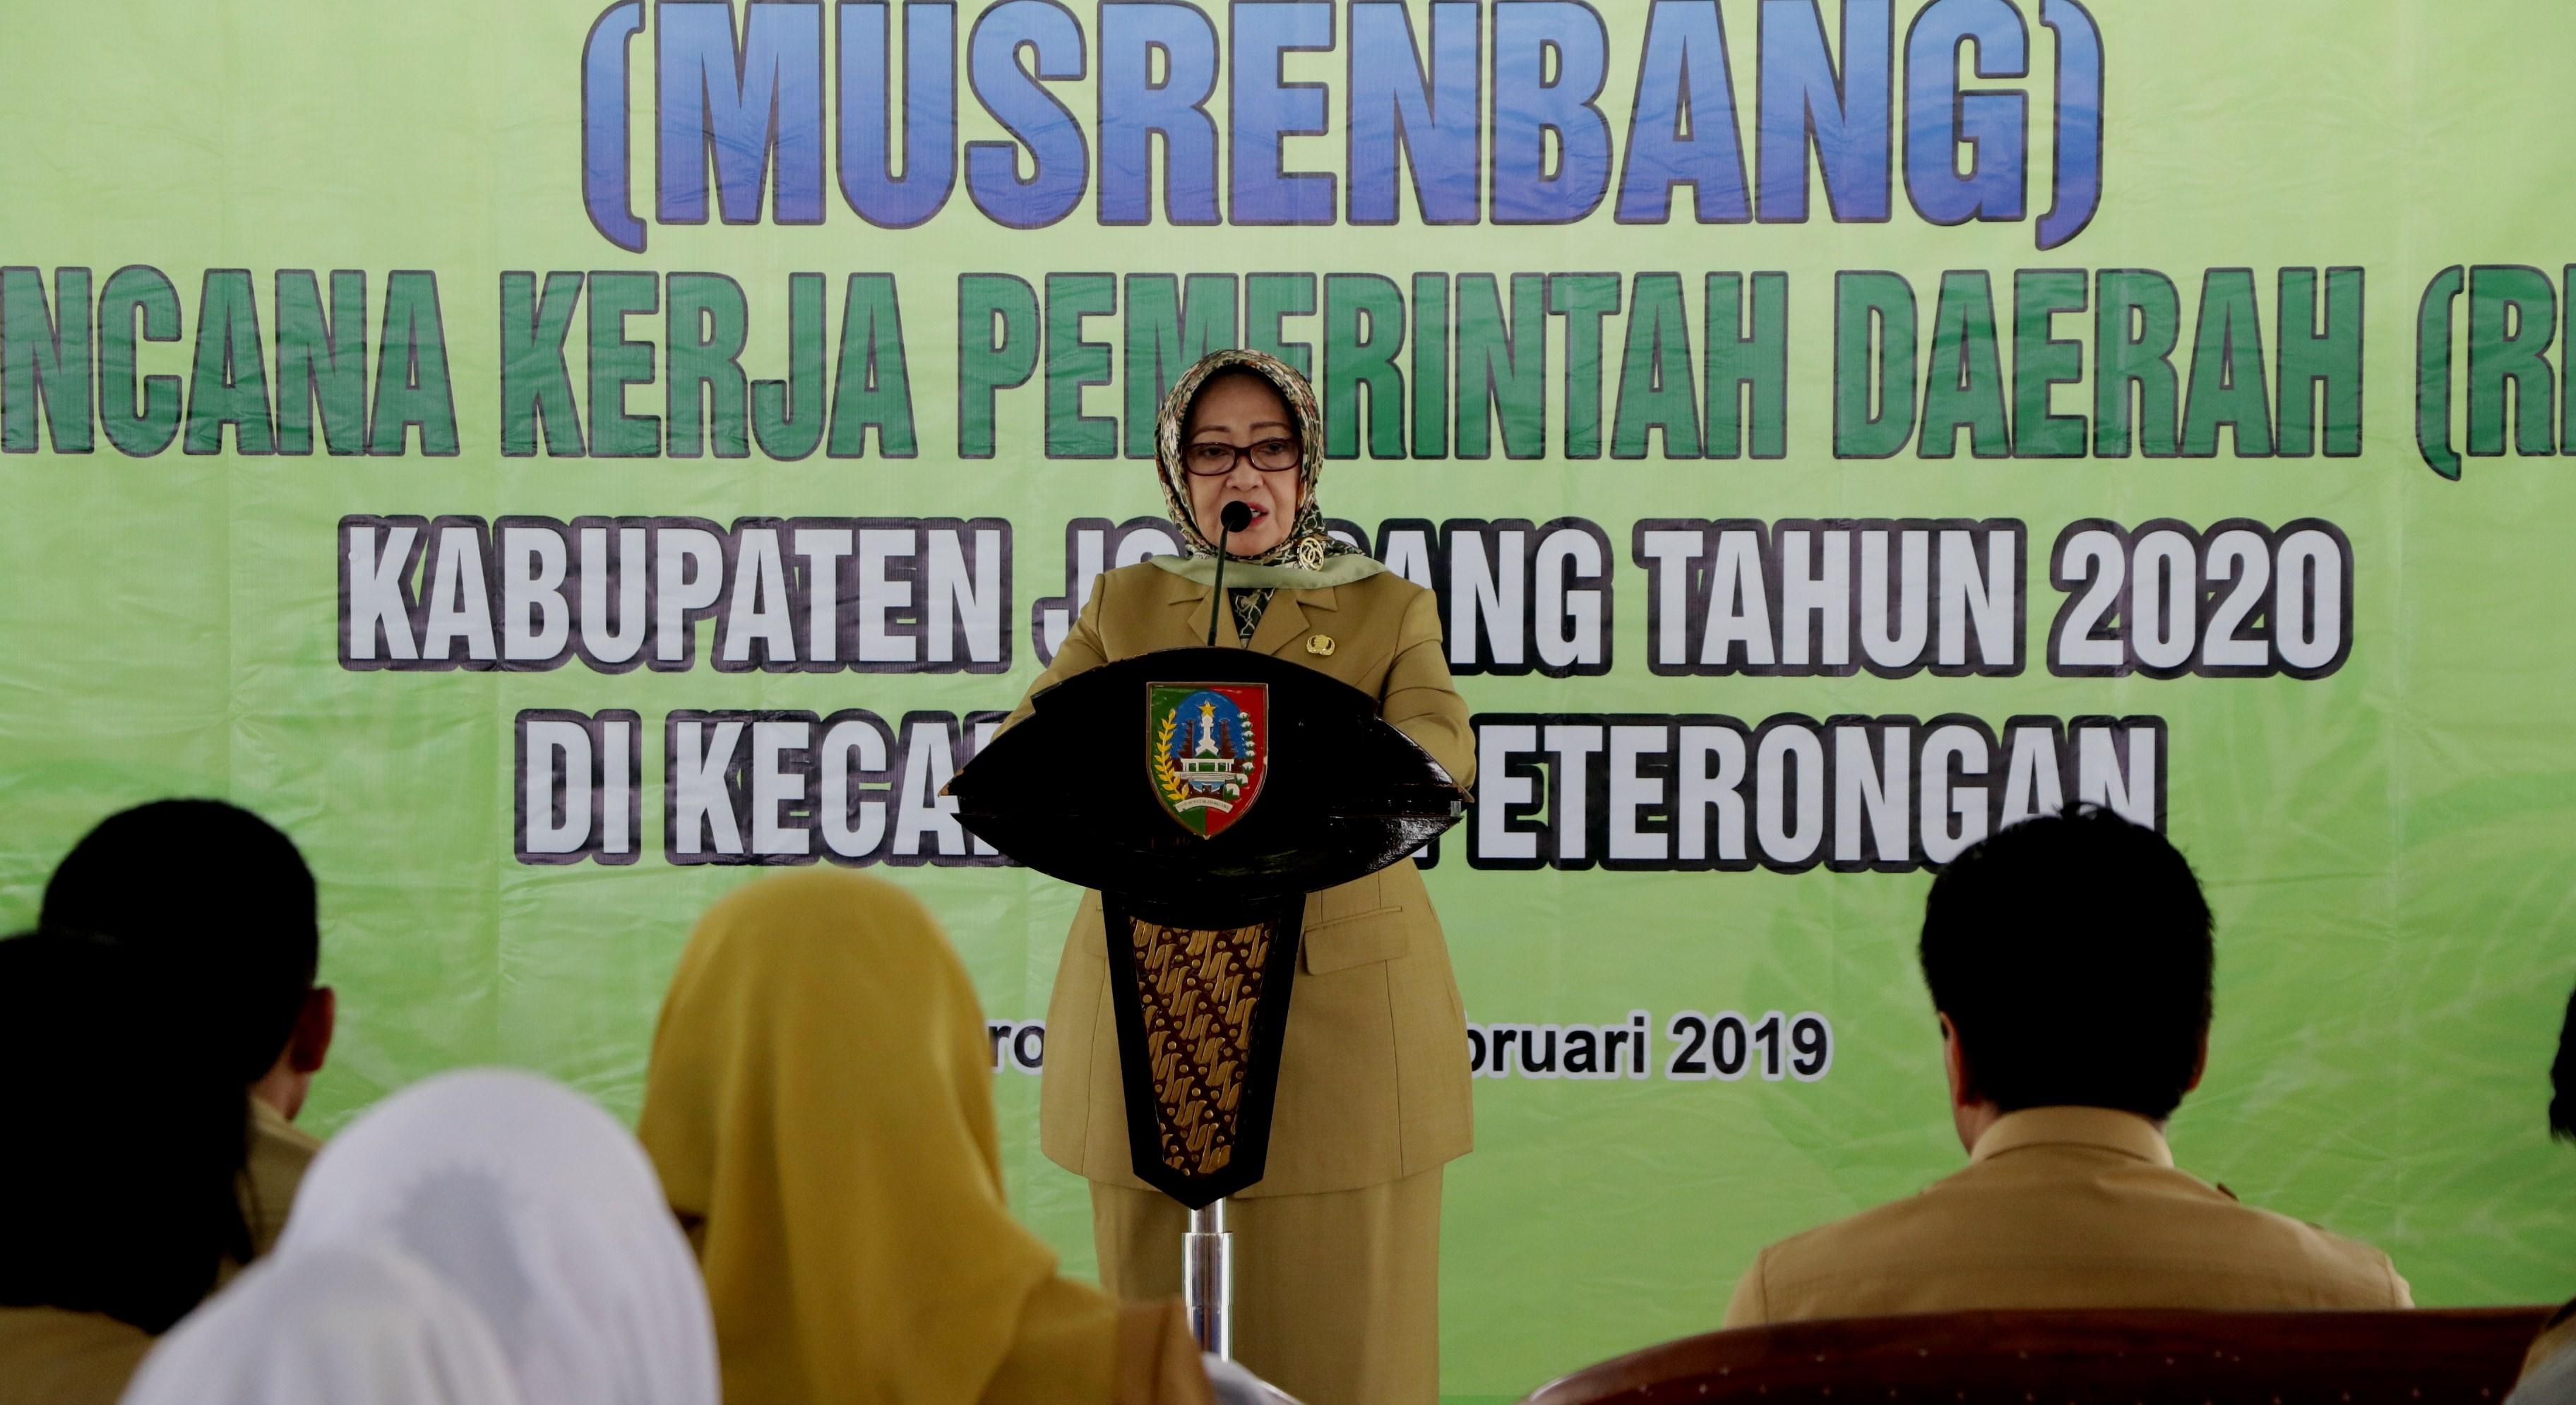 Hari Ini, Kabupaten Jombang Mulai Gelar Musrenbang Tingkat Kecamatan